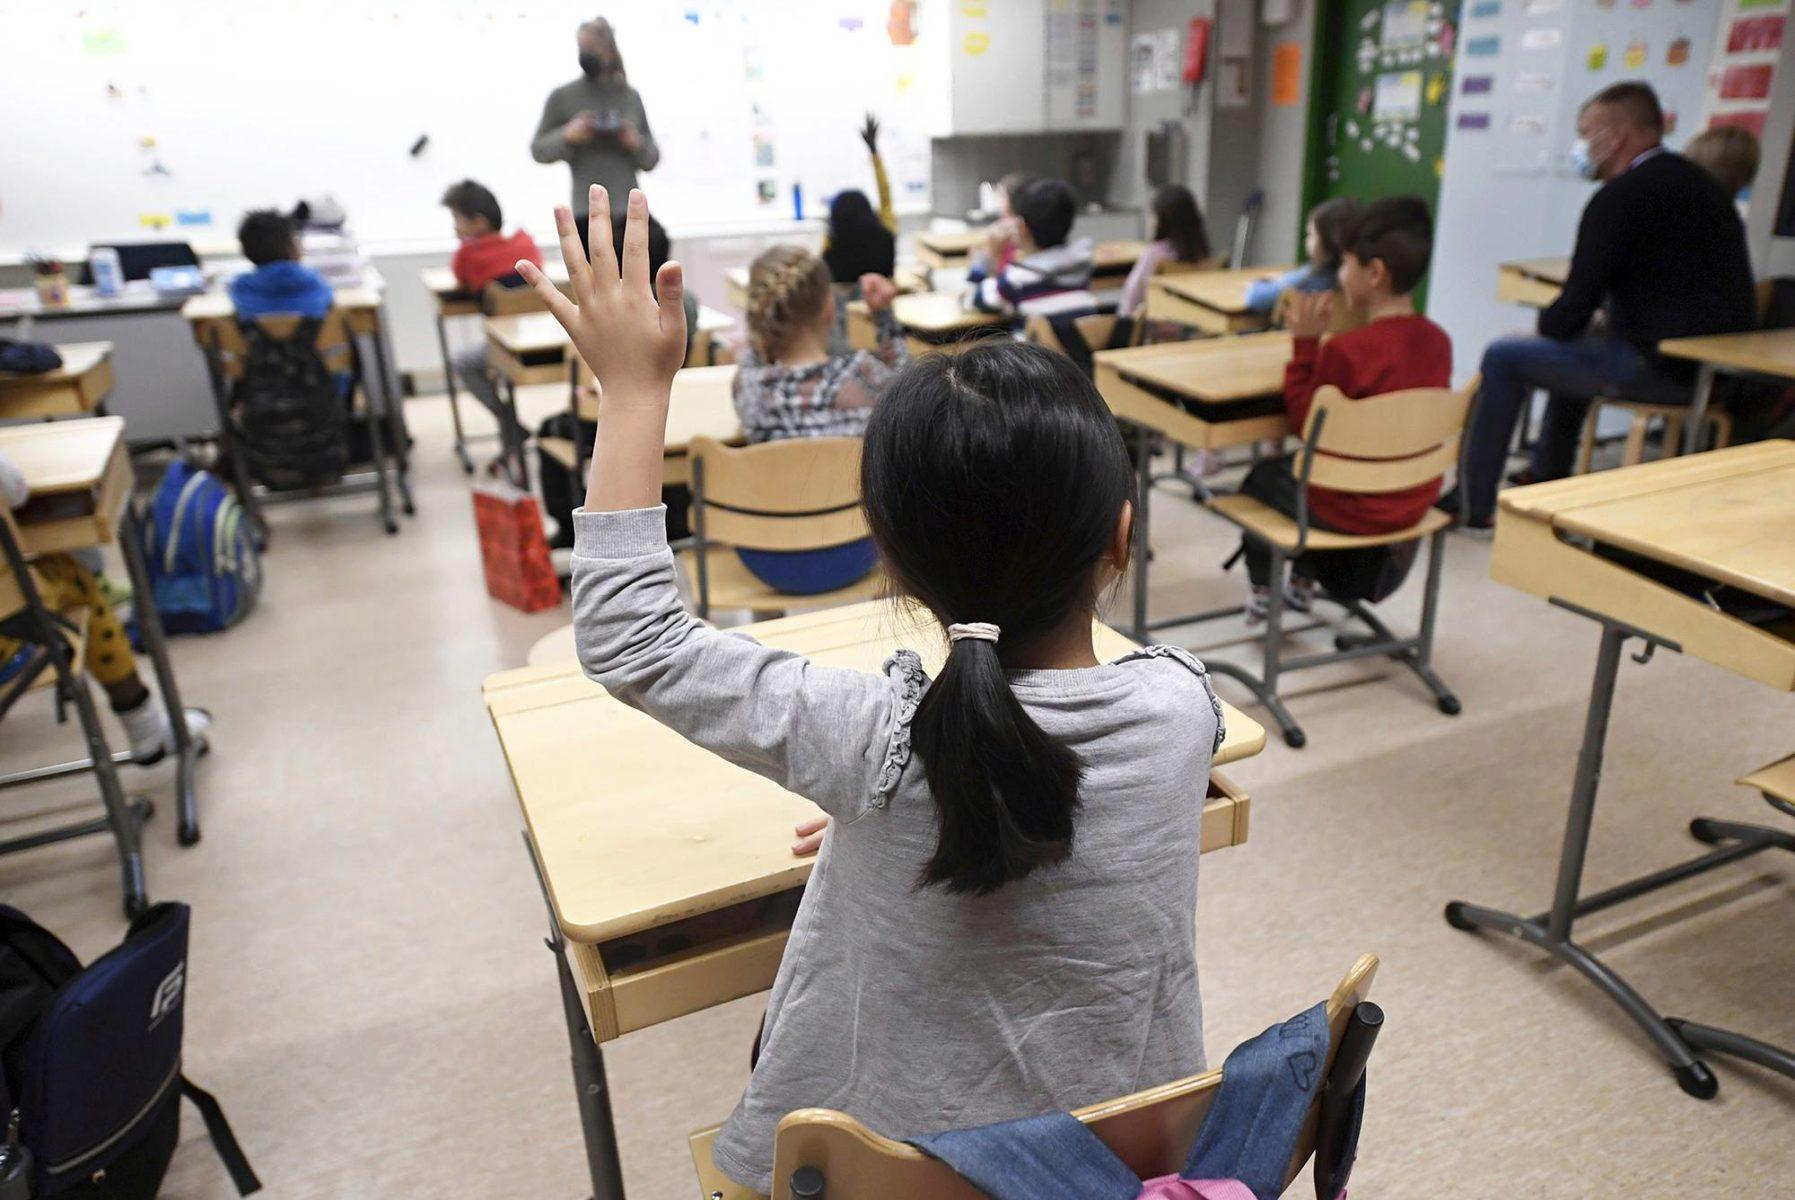 Professorin mukaan kouluissa pitäisi purkaa stereotypioita oppilaiden vahvuuksista.